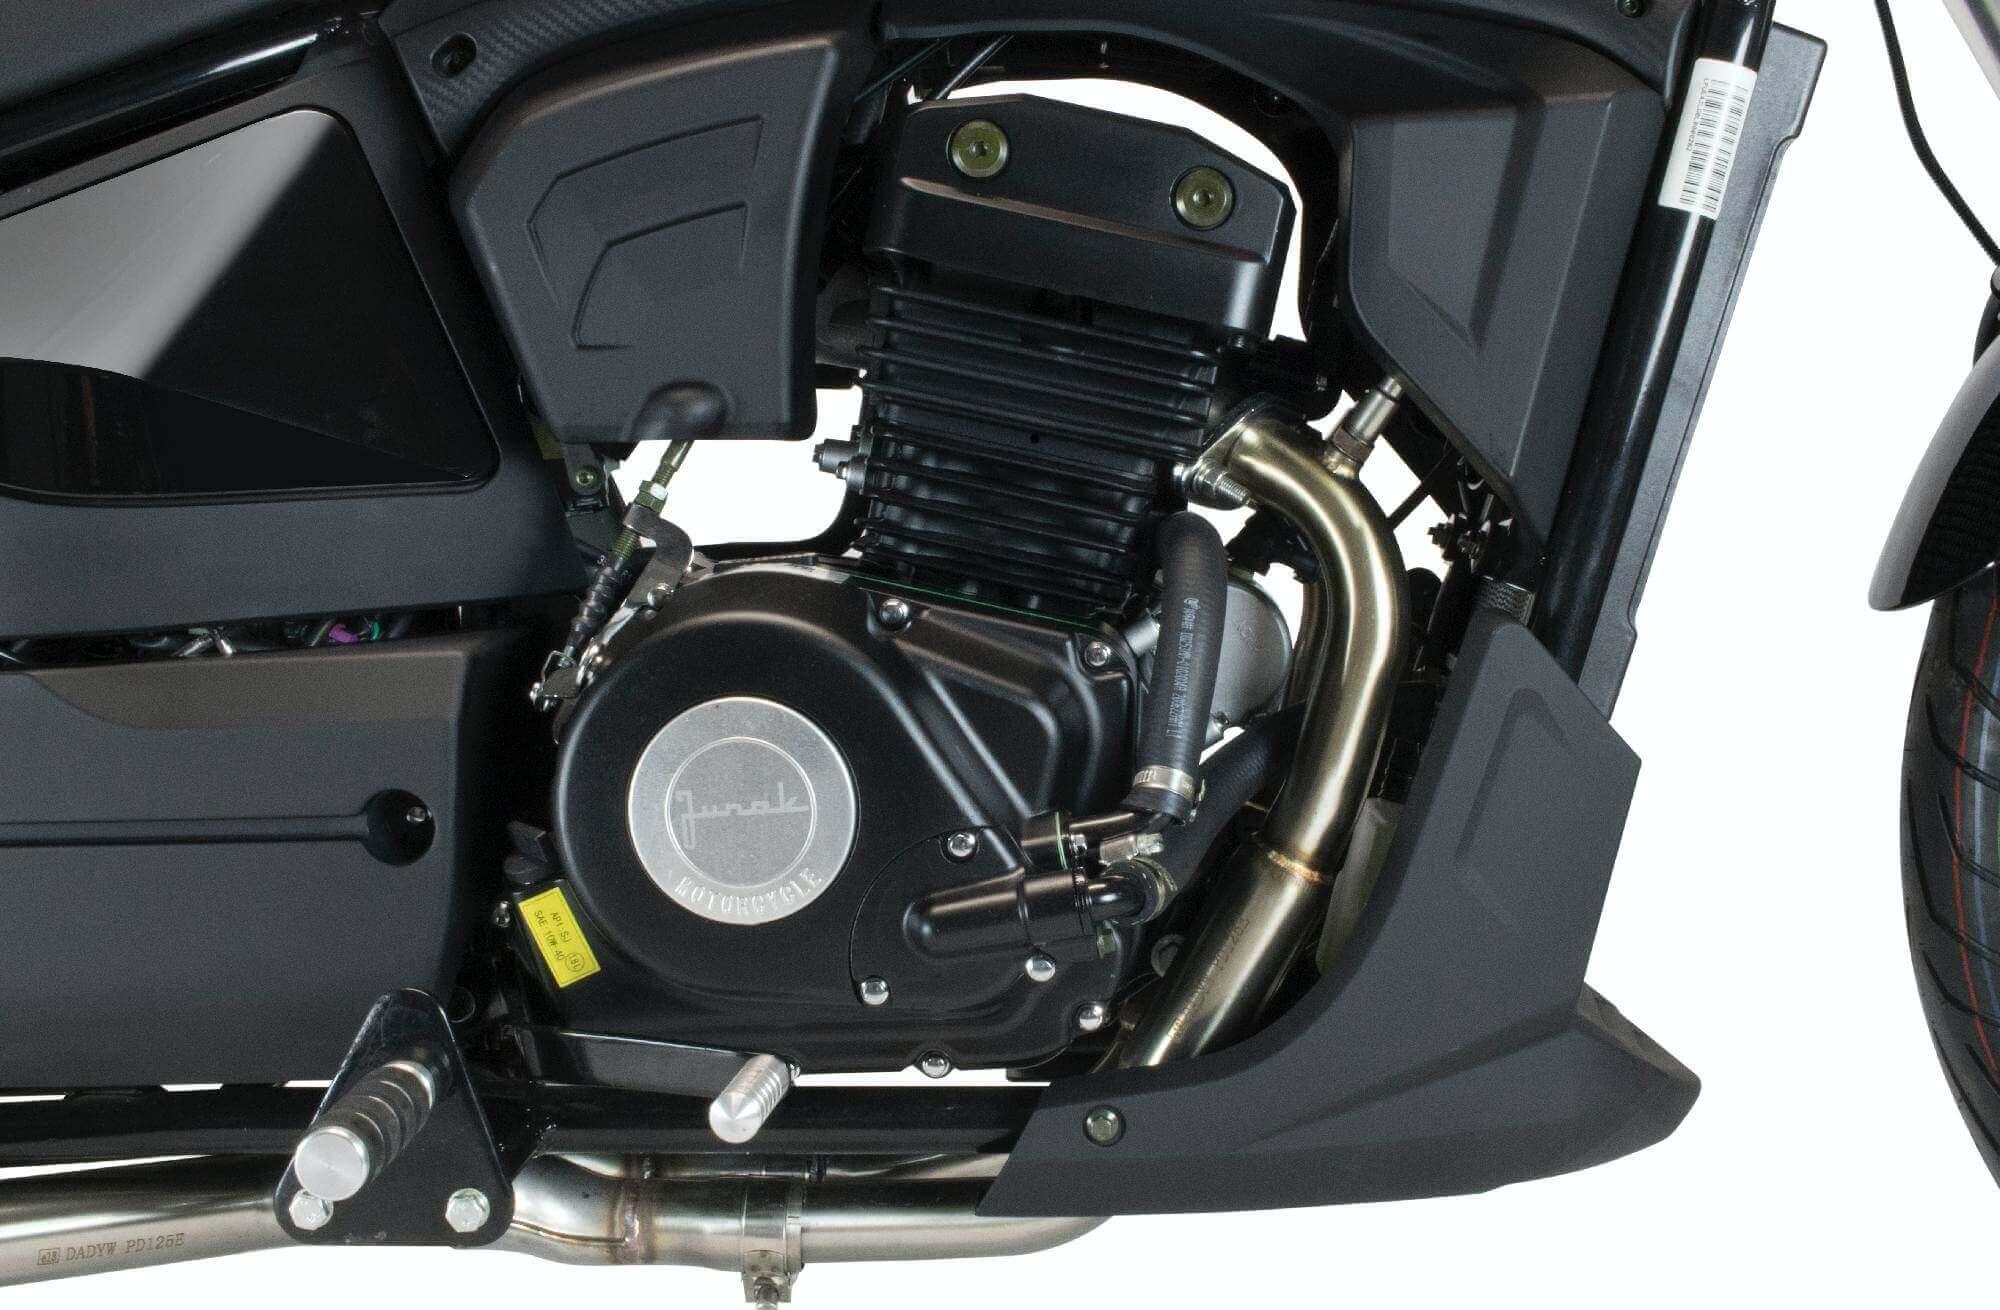 Junak M15 125 2021. Silnik 125